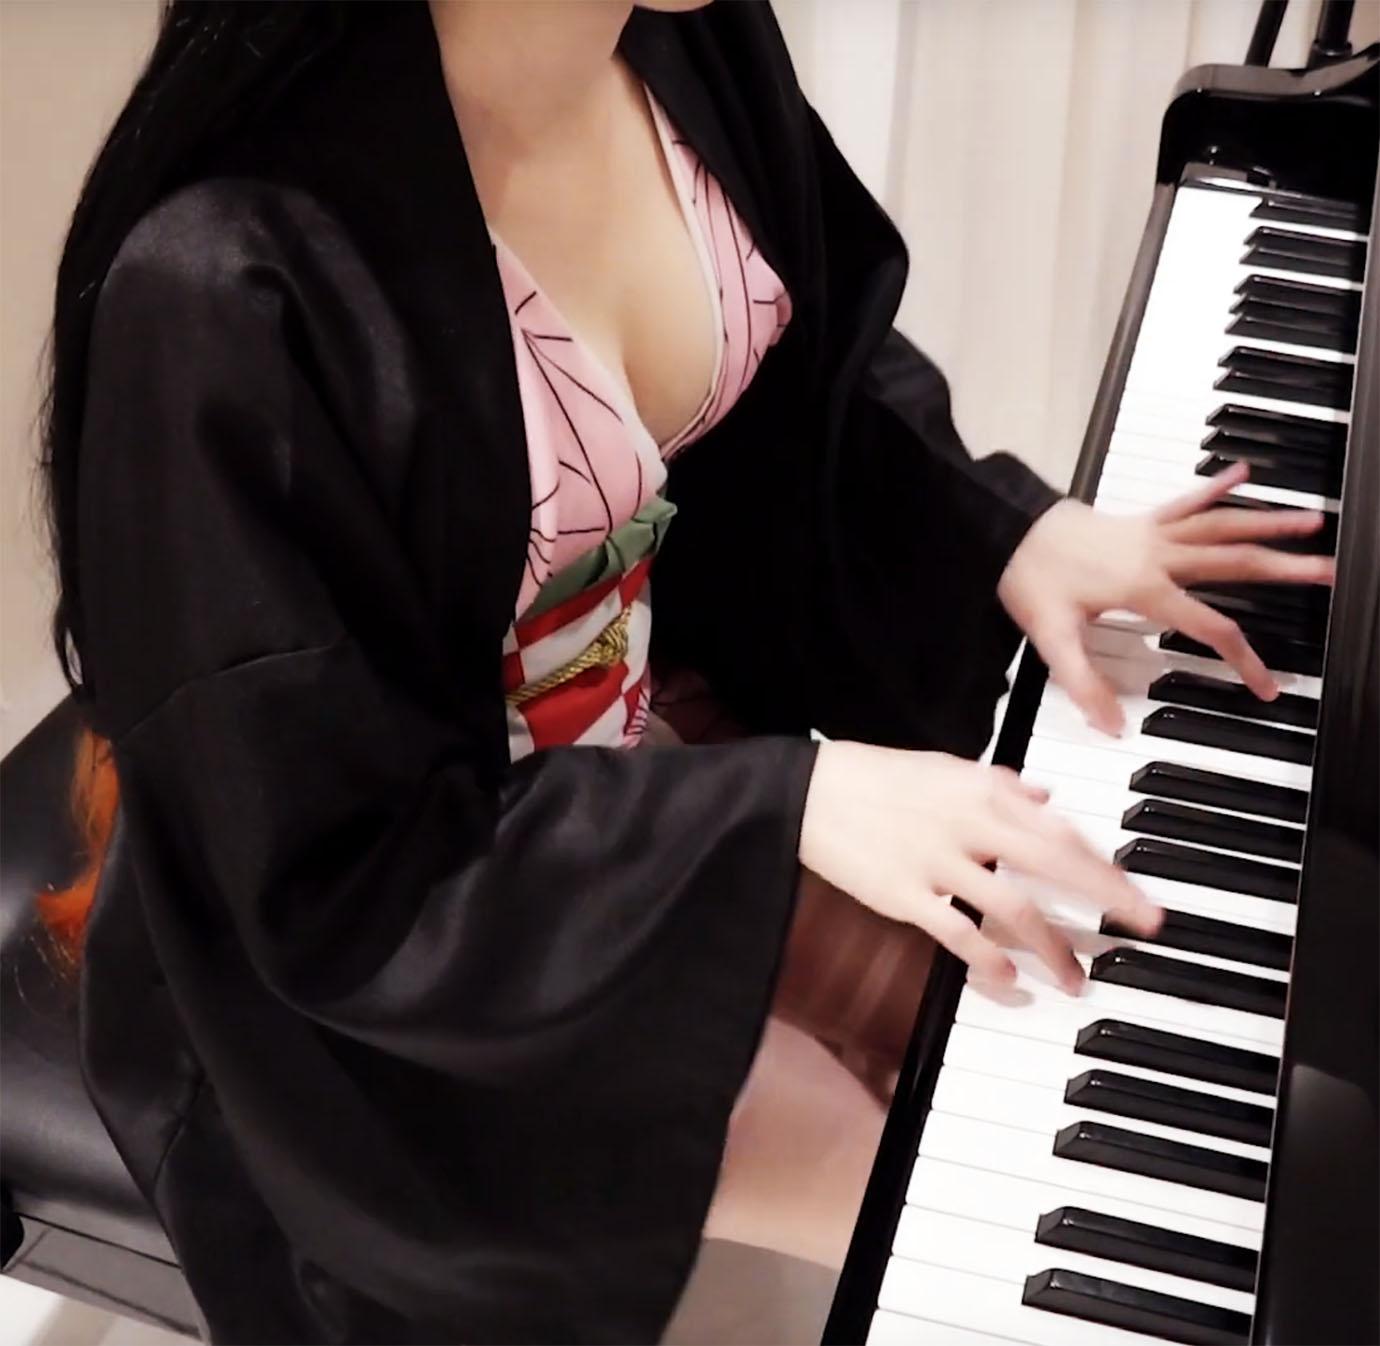 demon-slayer-kimetsu-no-yaiba-piano-nezuko3